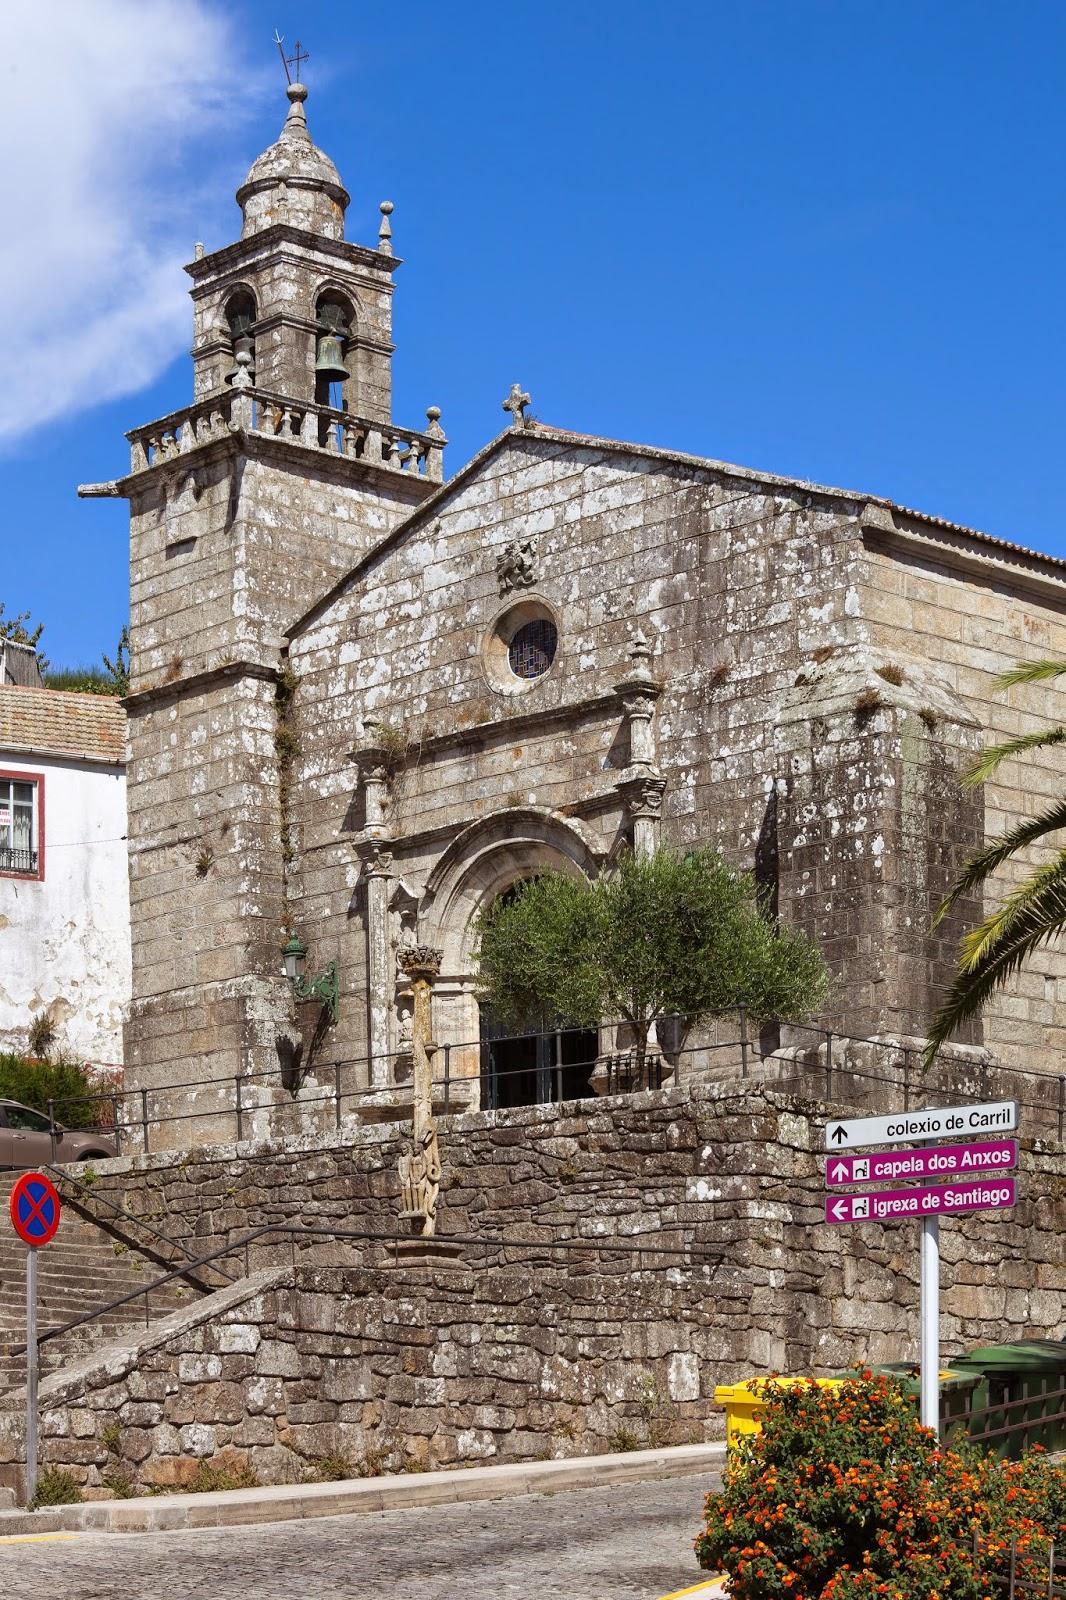 «Igrexa parroquial de Santiago do Carril-Vilagarcía de Arousa-Galicia-32» de Luis Miguel Bugallo Sánchez (Lmbuga) - Trabajo propio. Disponible bajo la licencia Creative Commons Attribution-Share Alike 3.0 vía Wikimedia Commons - http://commons.wikimedia.org/wiki/File:Igrexa_parroquial_de_Santiago_do_Carril-Vilagarc%C3%ADa_de_Arousa-Galicia-32.jpg#mediaviewer/File:Igrexa_parroquial_de_Santiago_do_Carril-Vilagarc%C3%ADa_de_Arousa-Galicia-32.jpg